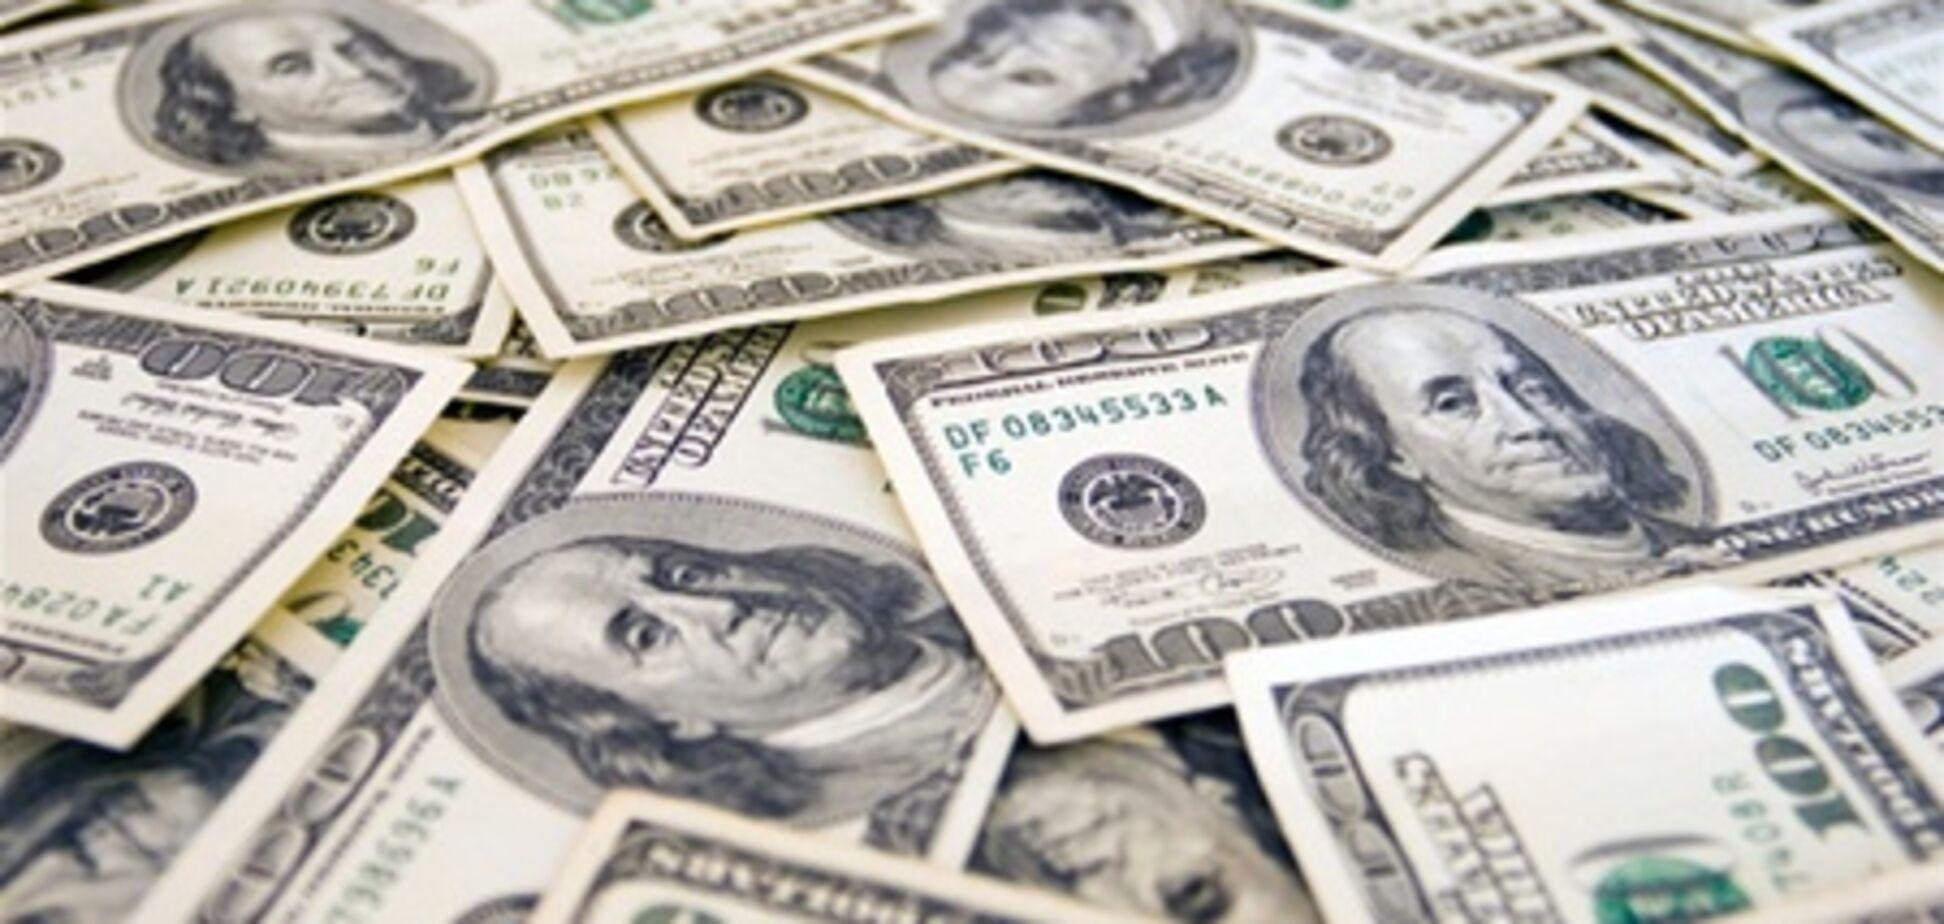 Домовладельцам в США крупнейшие банки выплатят $25 млрд